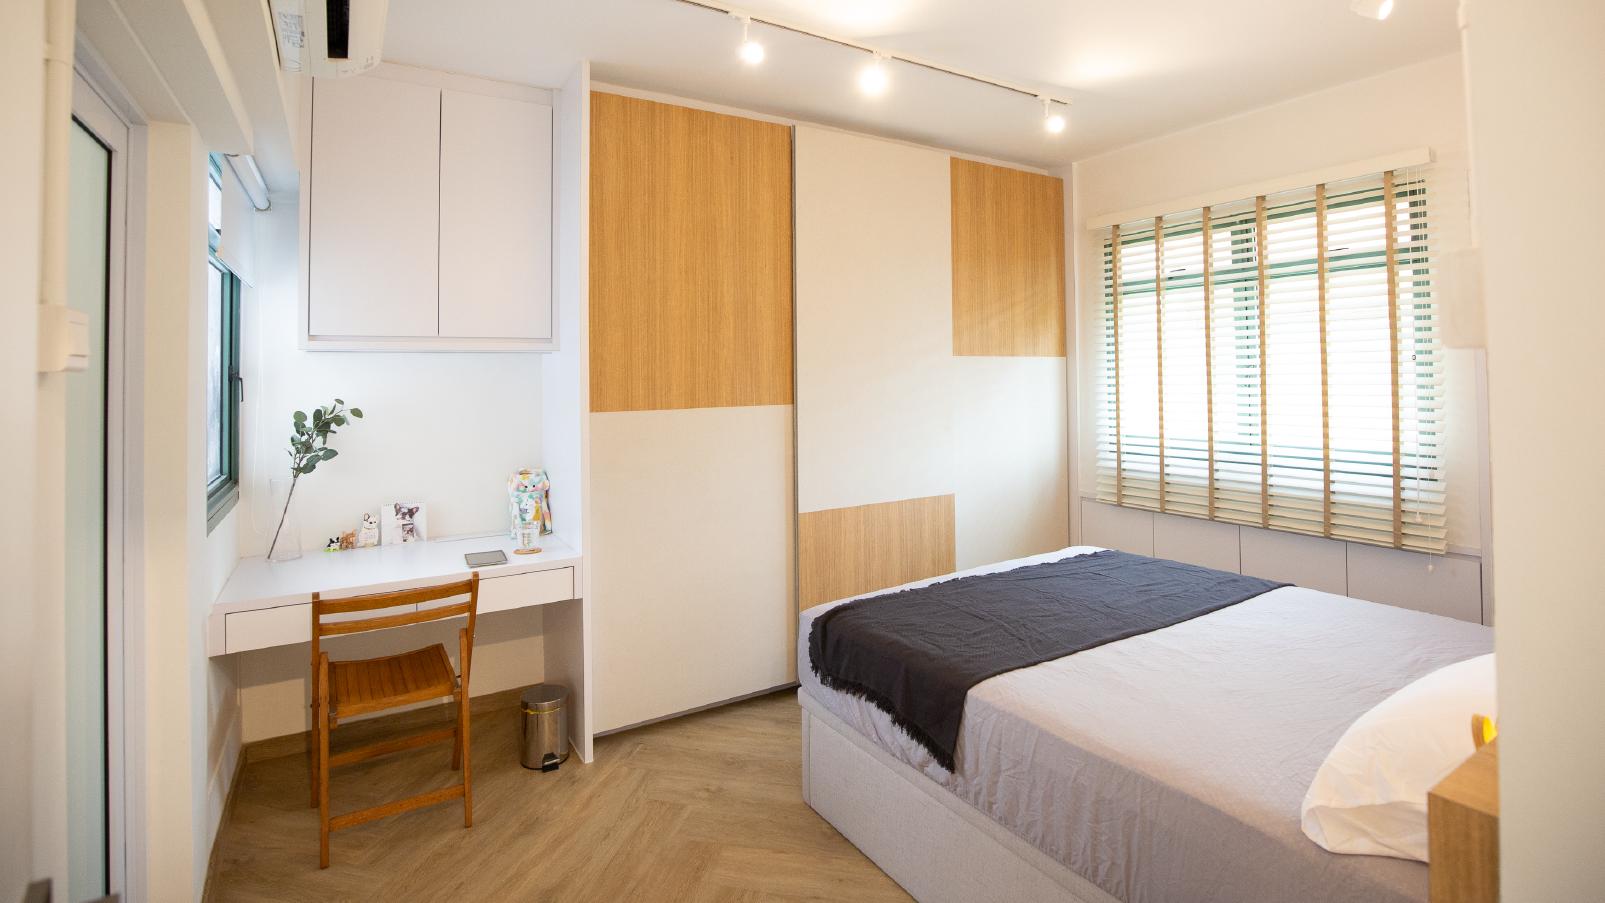 Master bedroom of Hazel's HDB flat in Choa Chu Kang